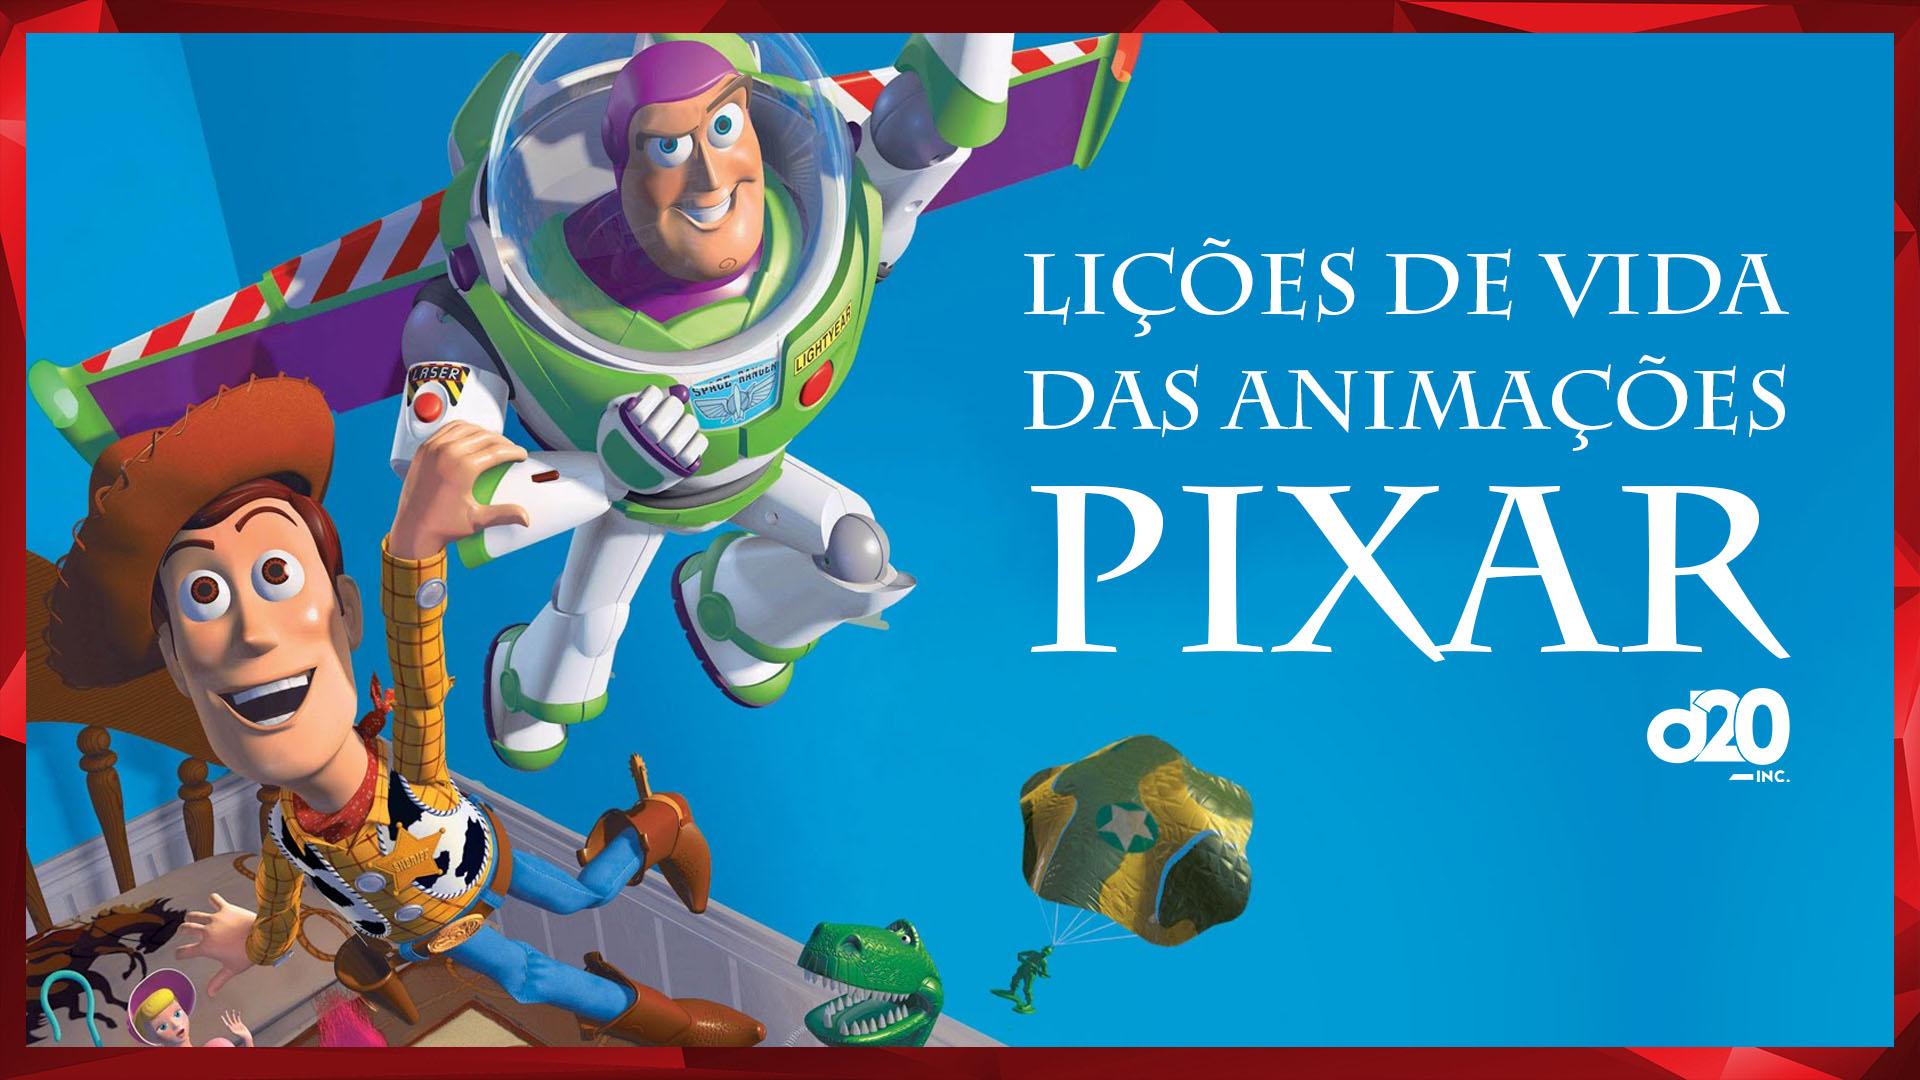 Pixar e Suas Lições de Vida | D20 Lab 63